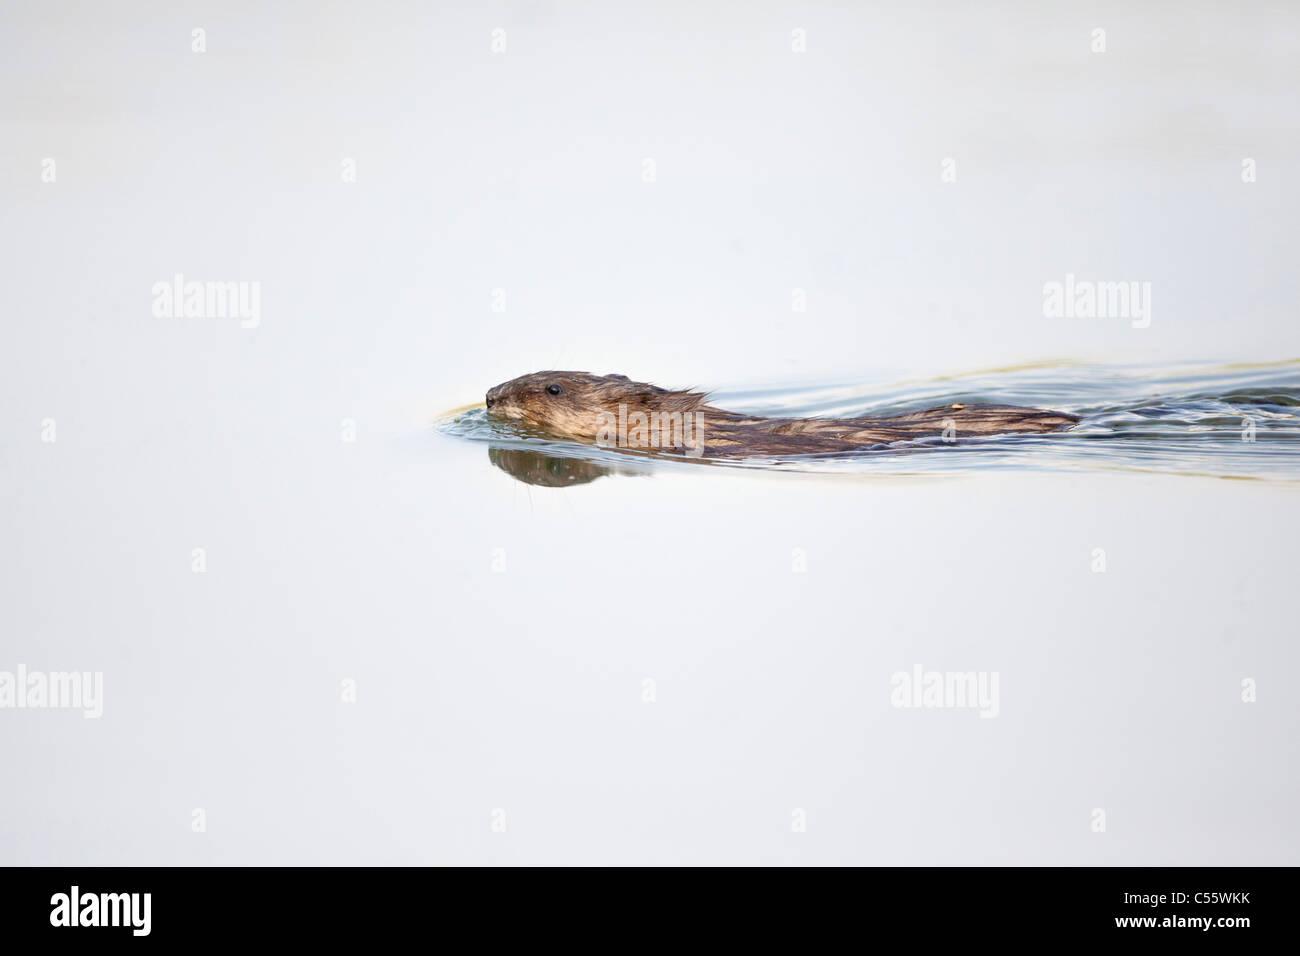 The Netherlands, Werkendam, De Biesbosch national park. Muskrat, Ondatra zibethicus, swimming. - Stock Image